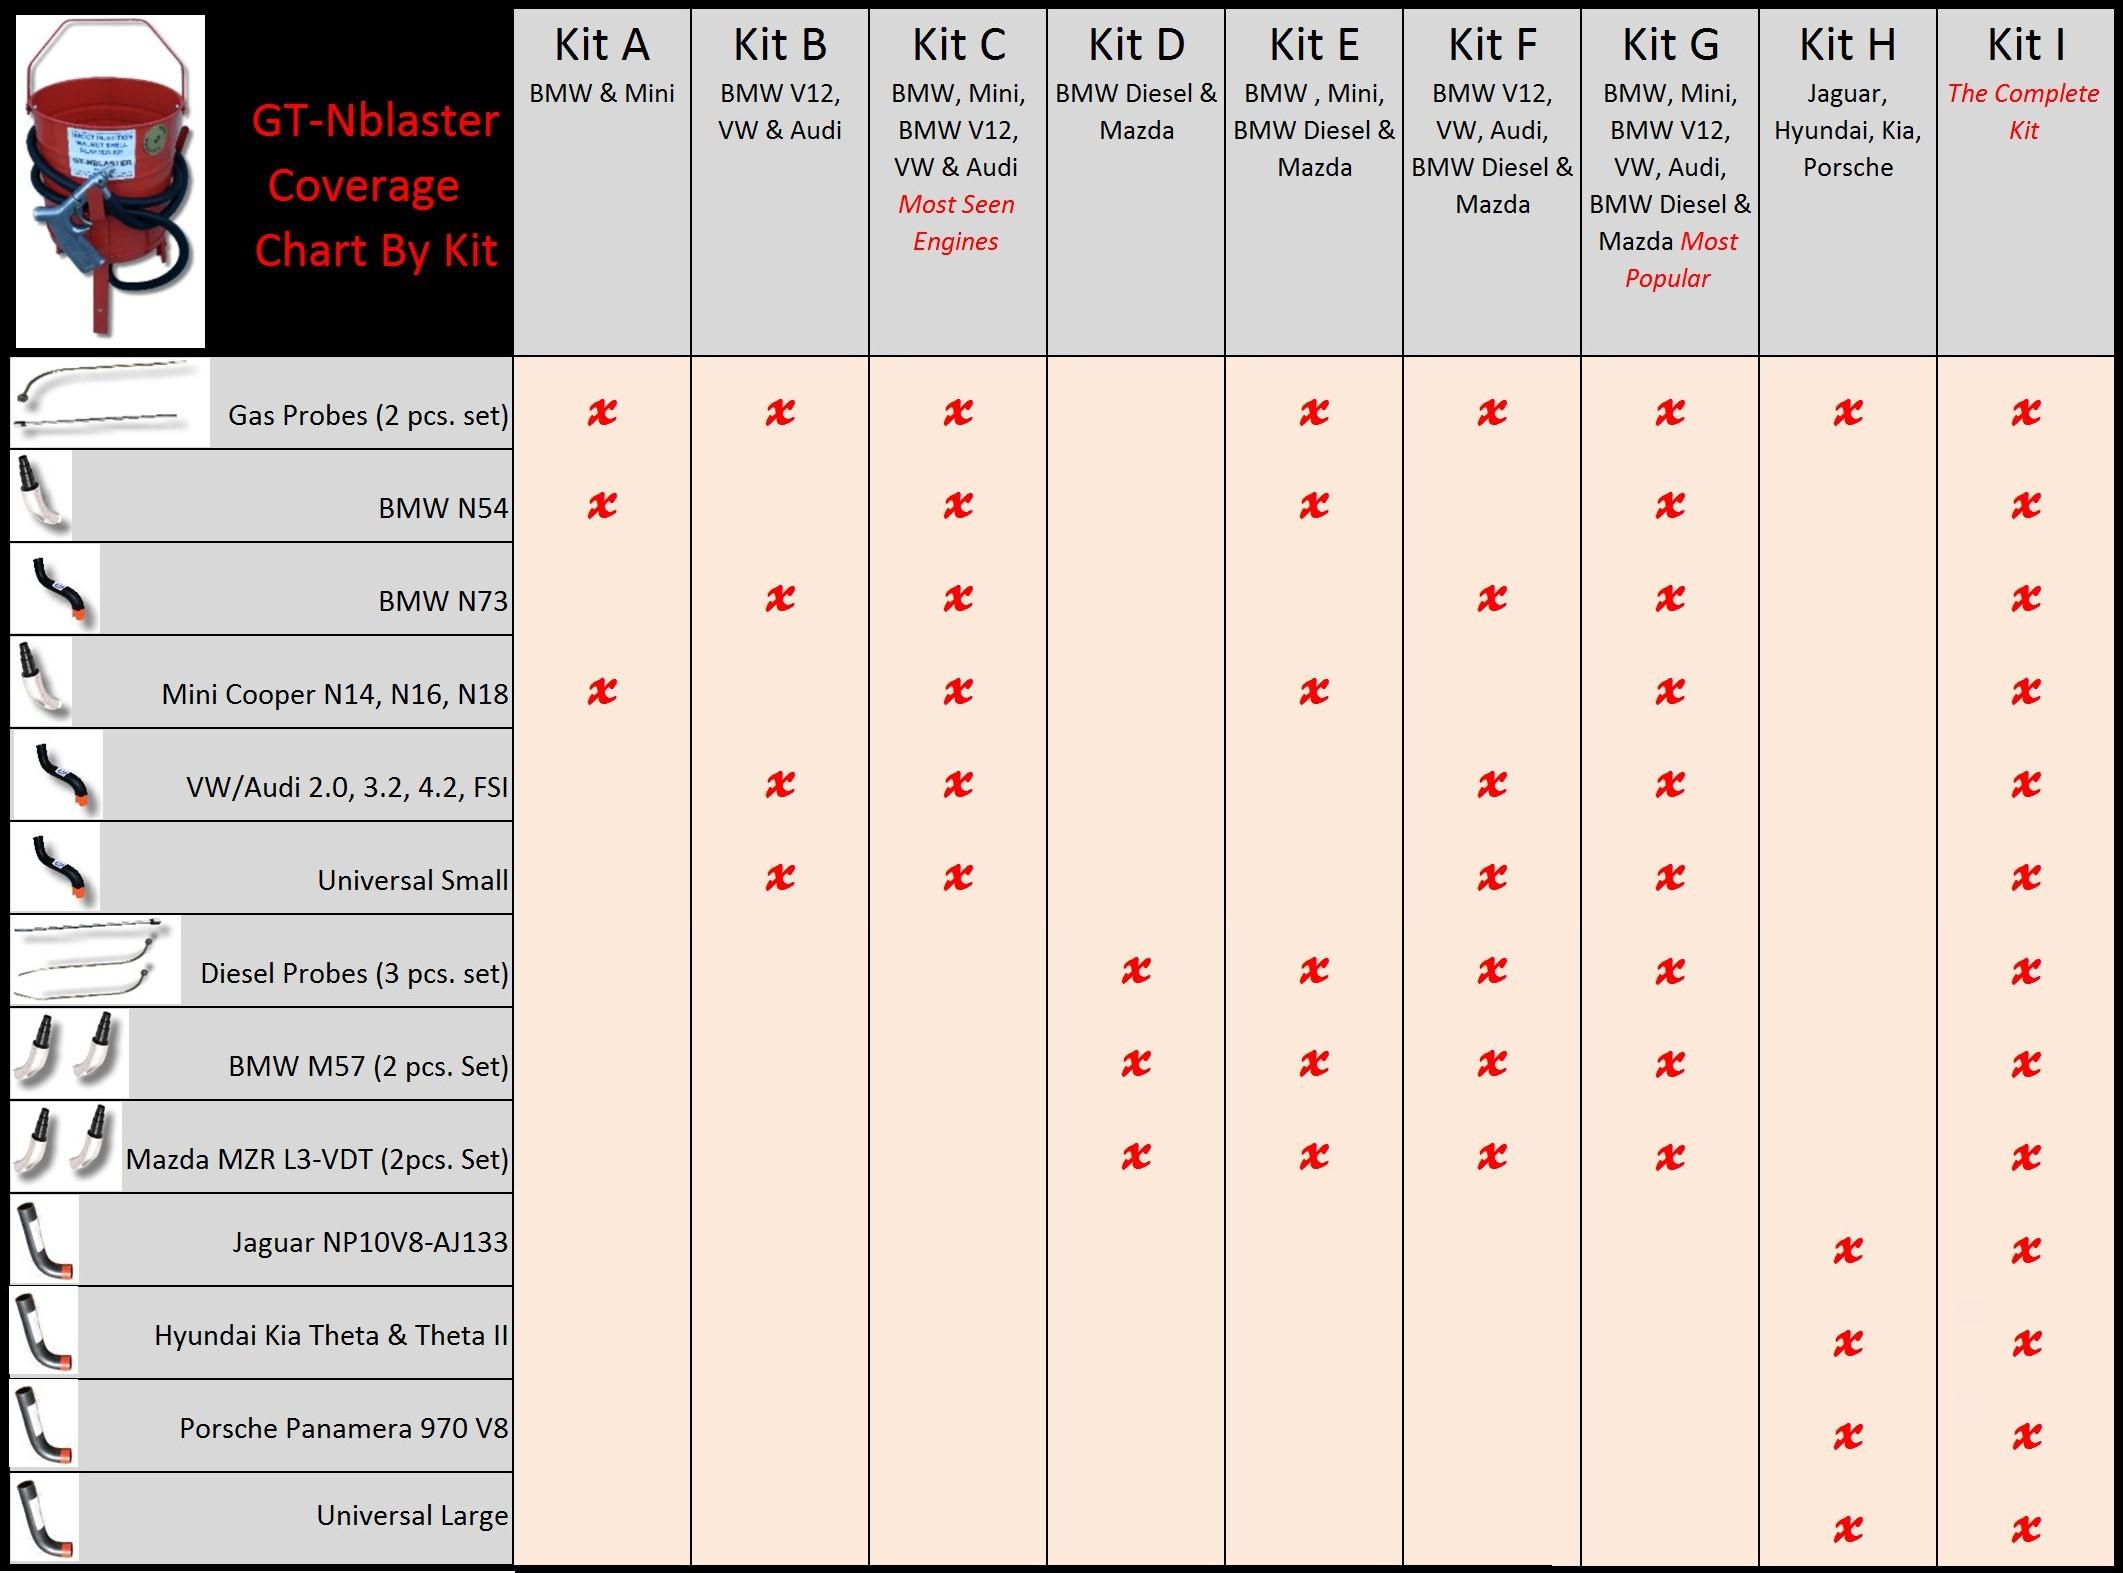 kit i chart 110715